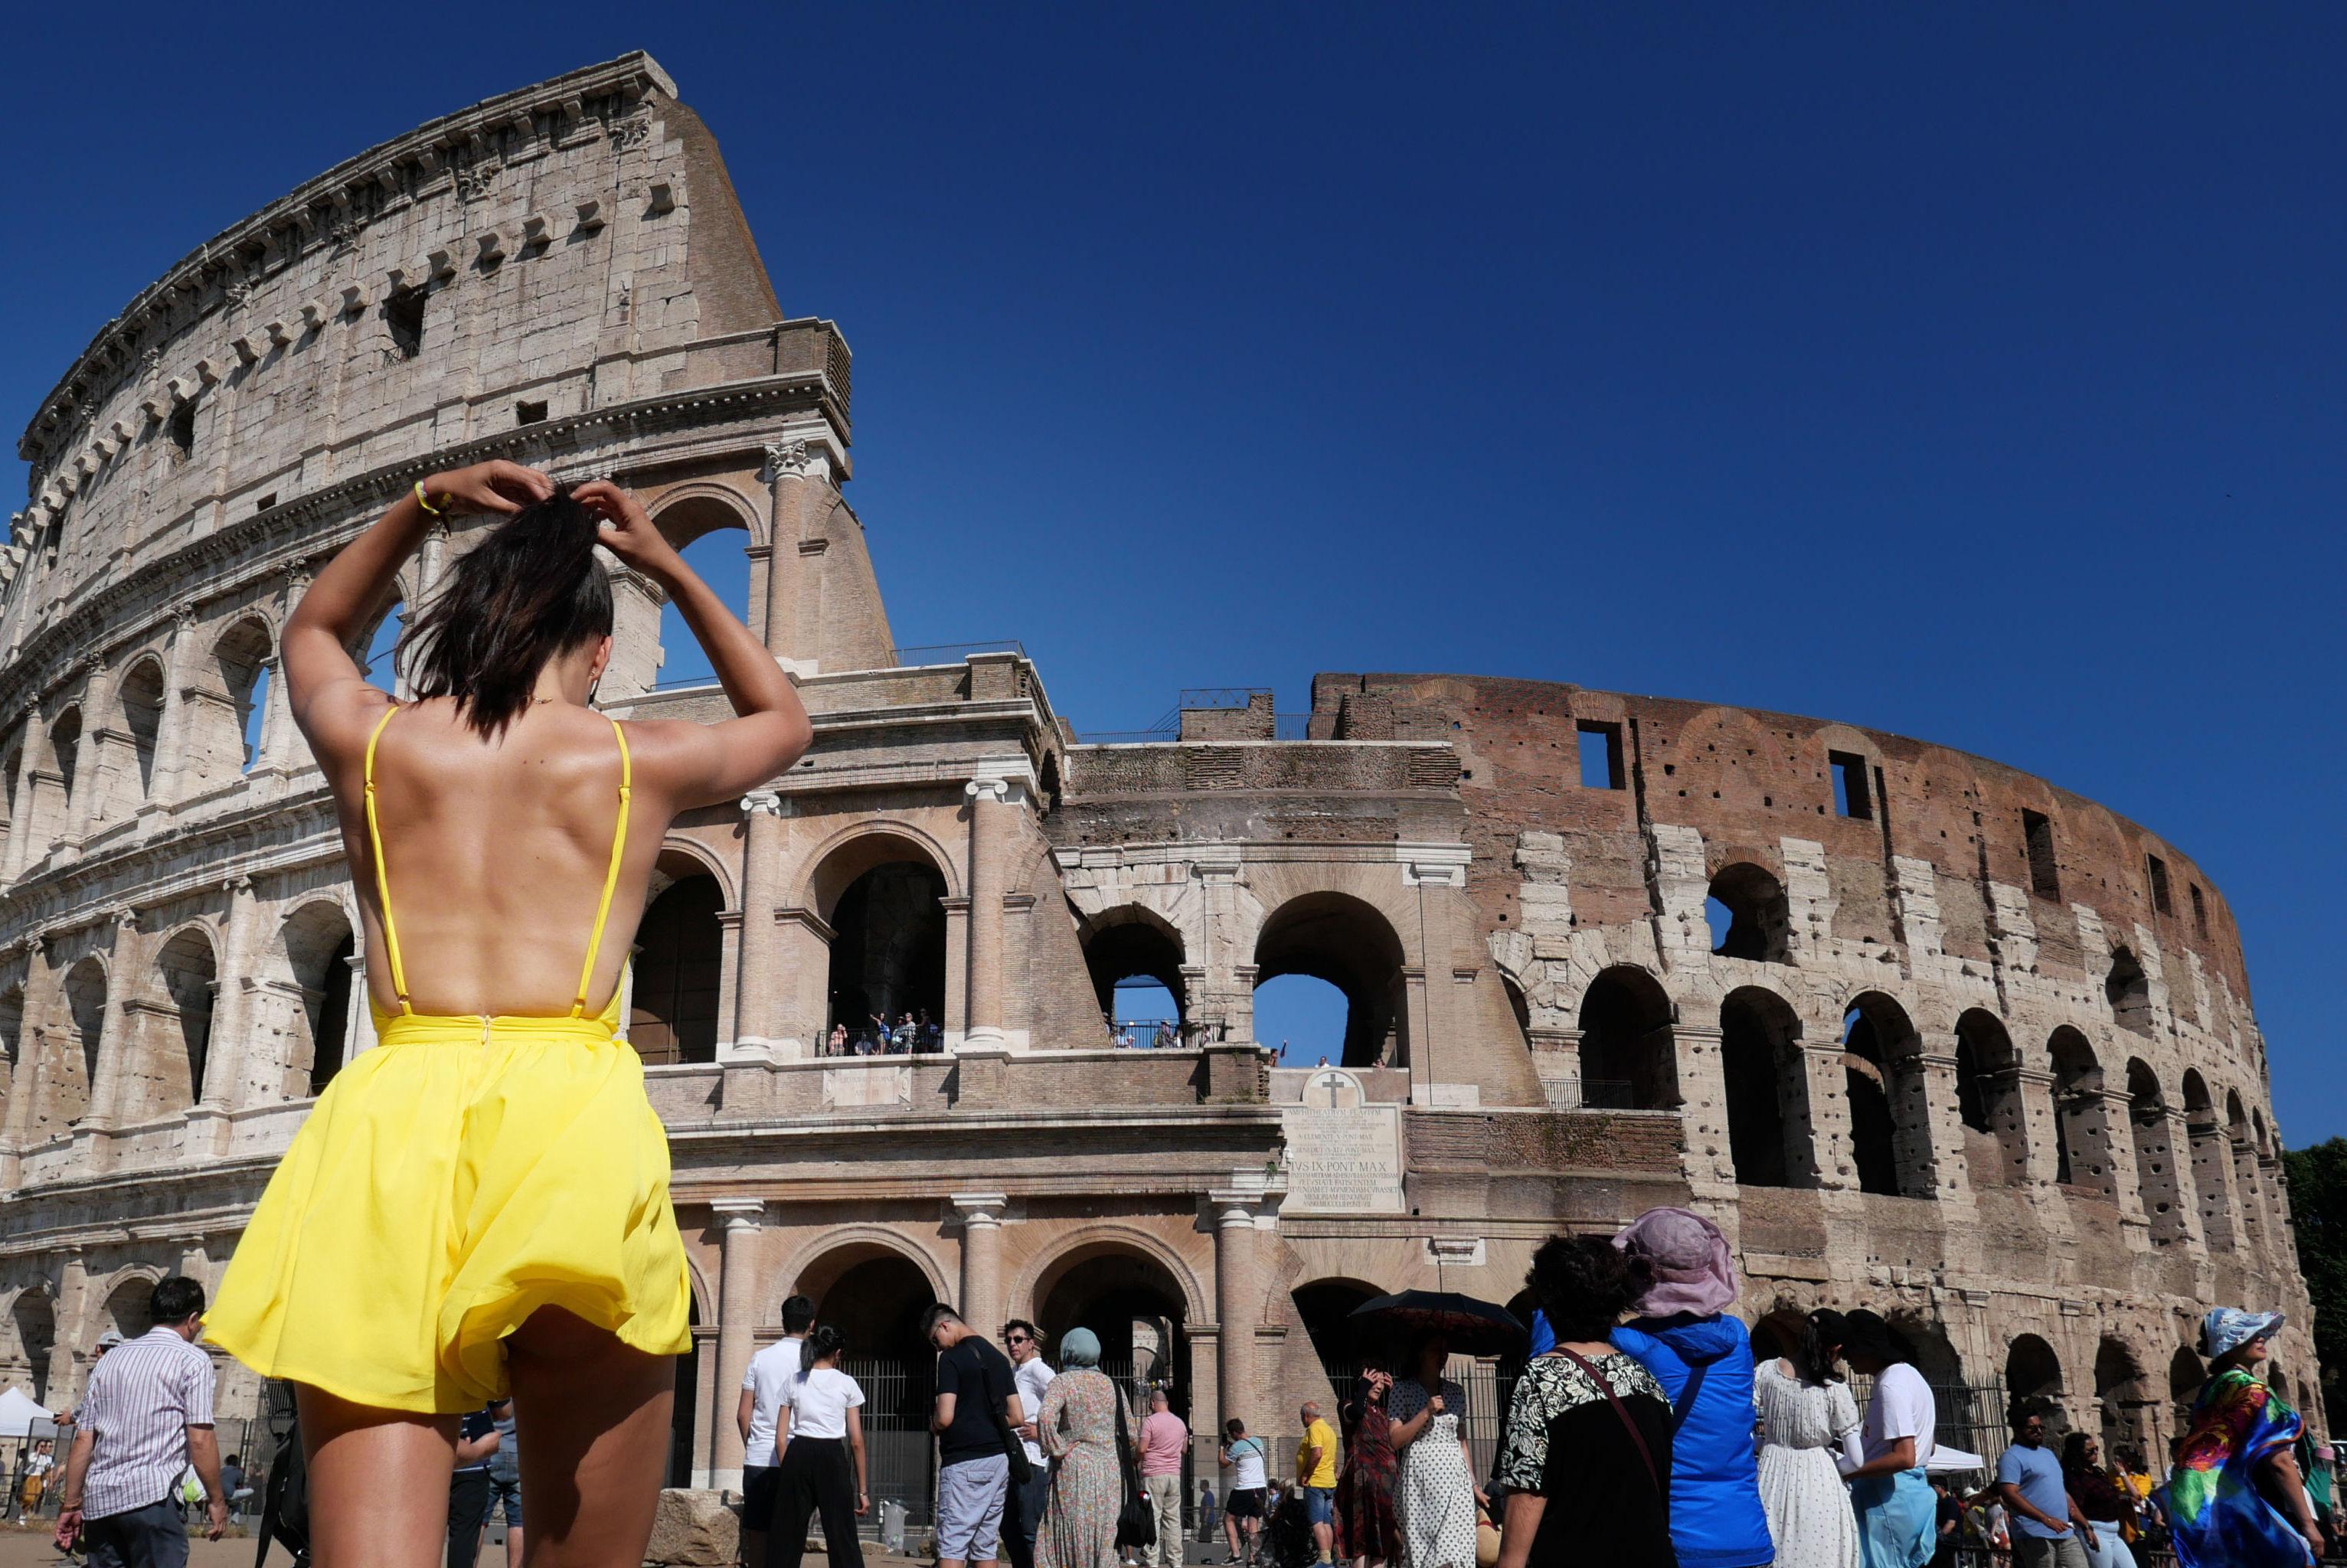 الحر في أوروبا - روما، إيطاليا 25 يونيو/ حزيران 2019